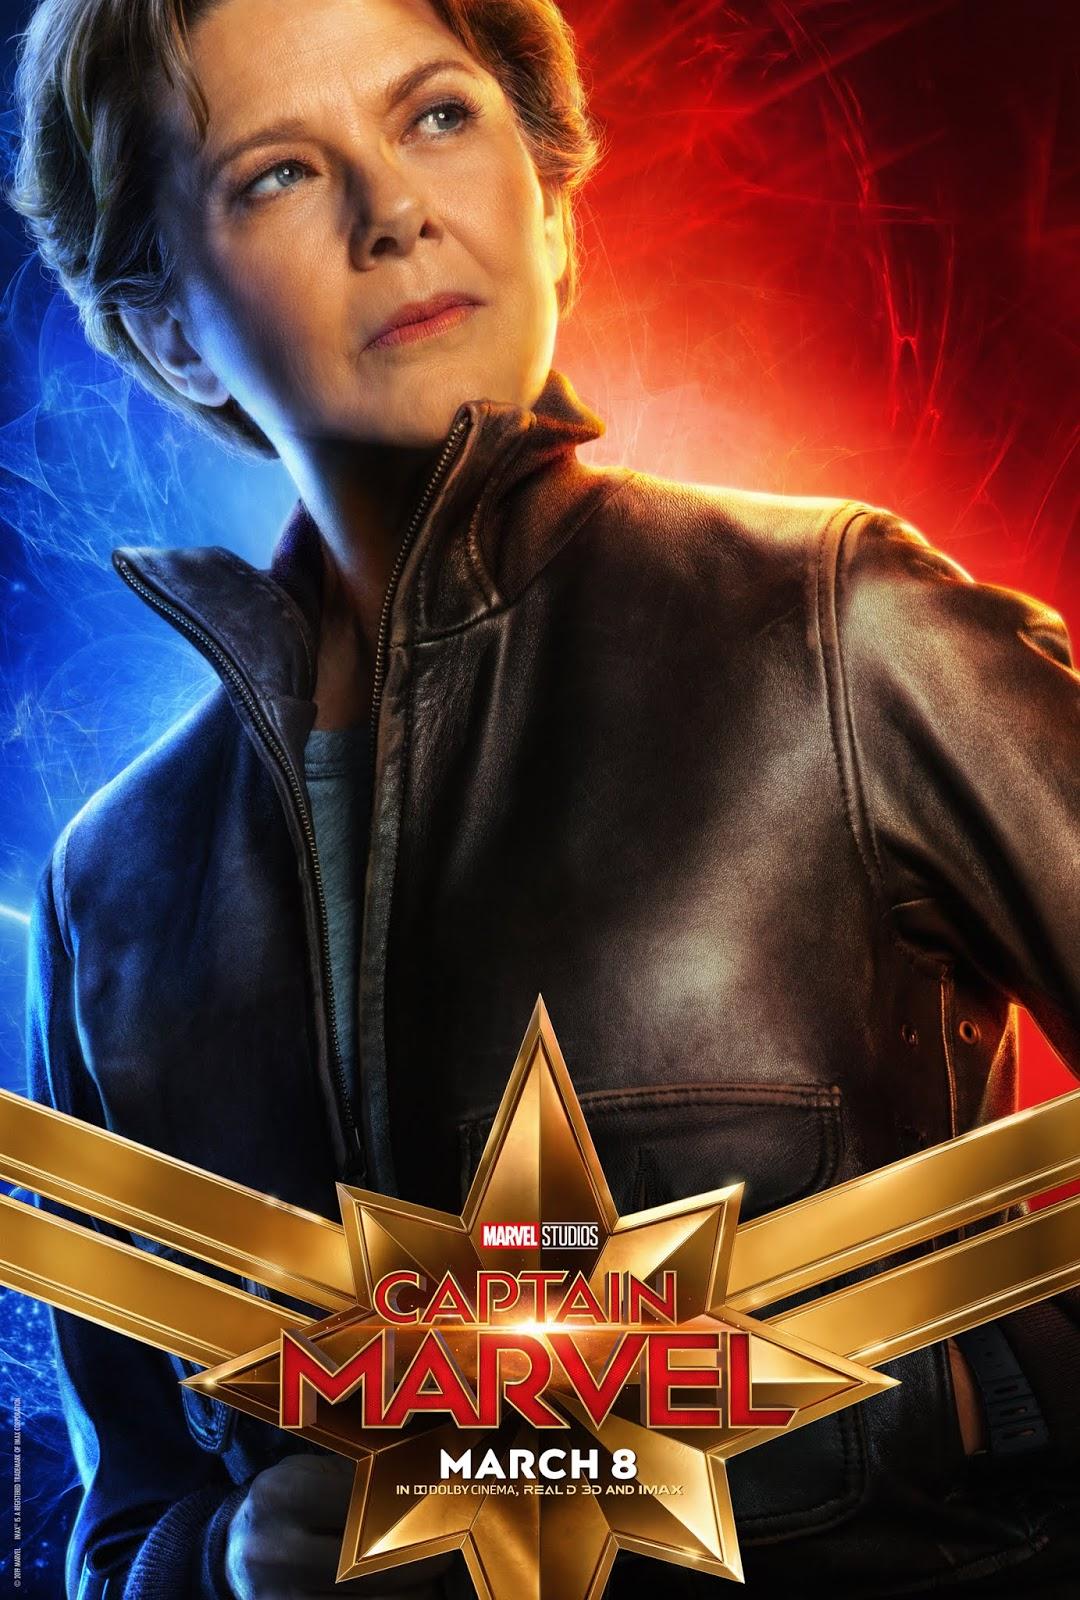 sasaki time: captain marvel character poster - annette bening